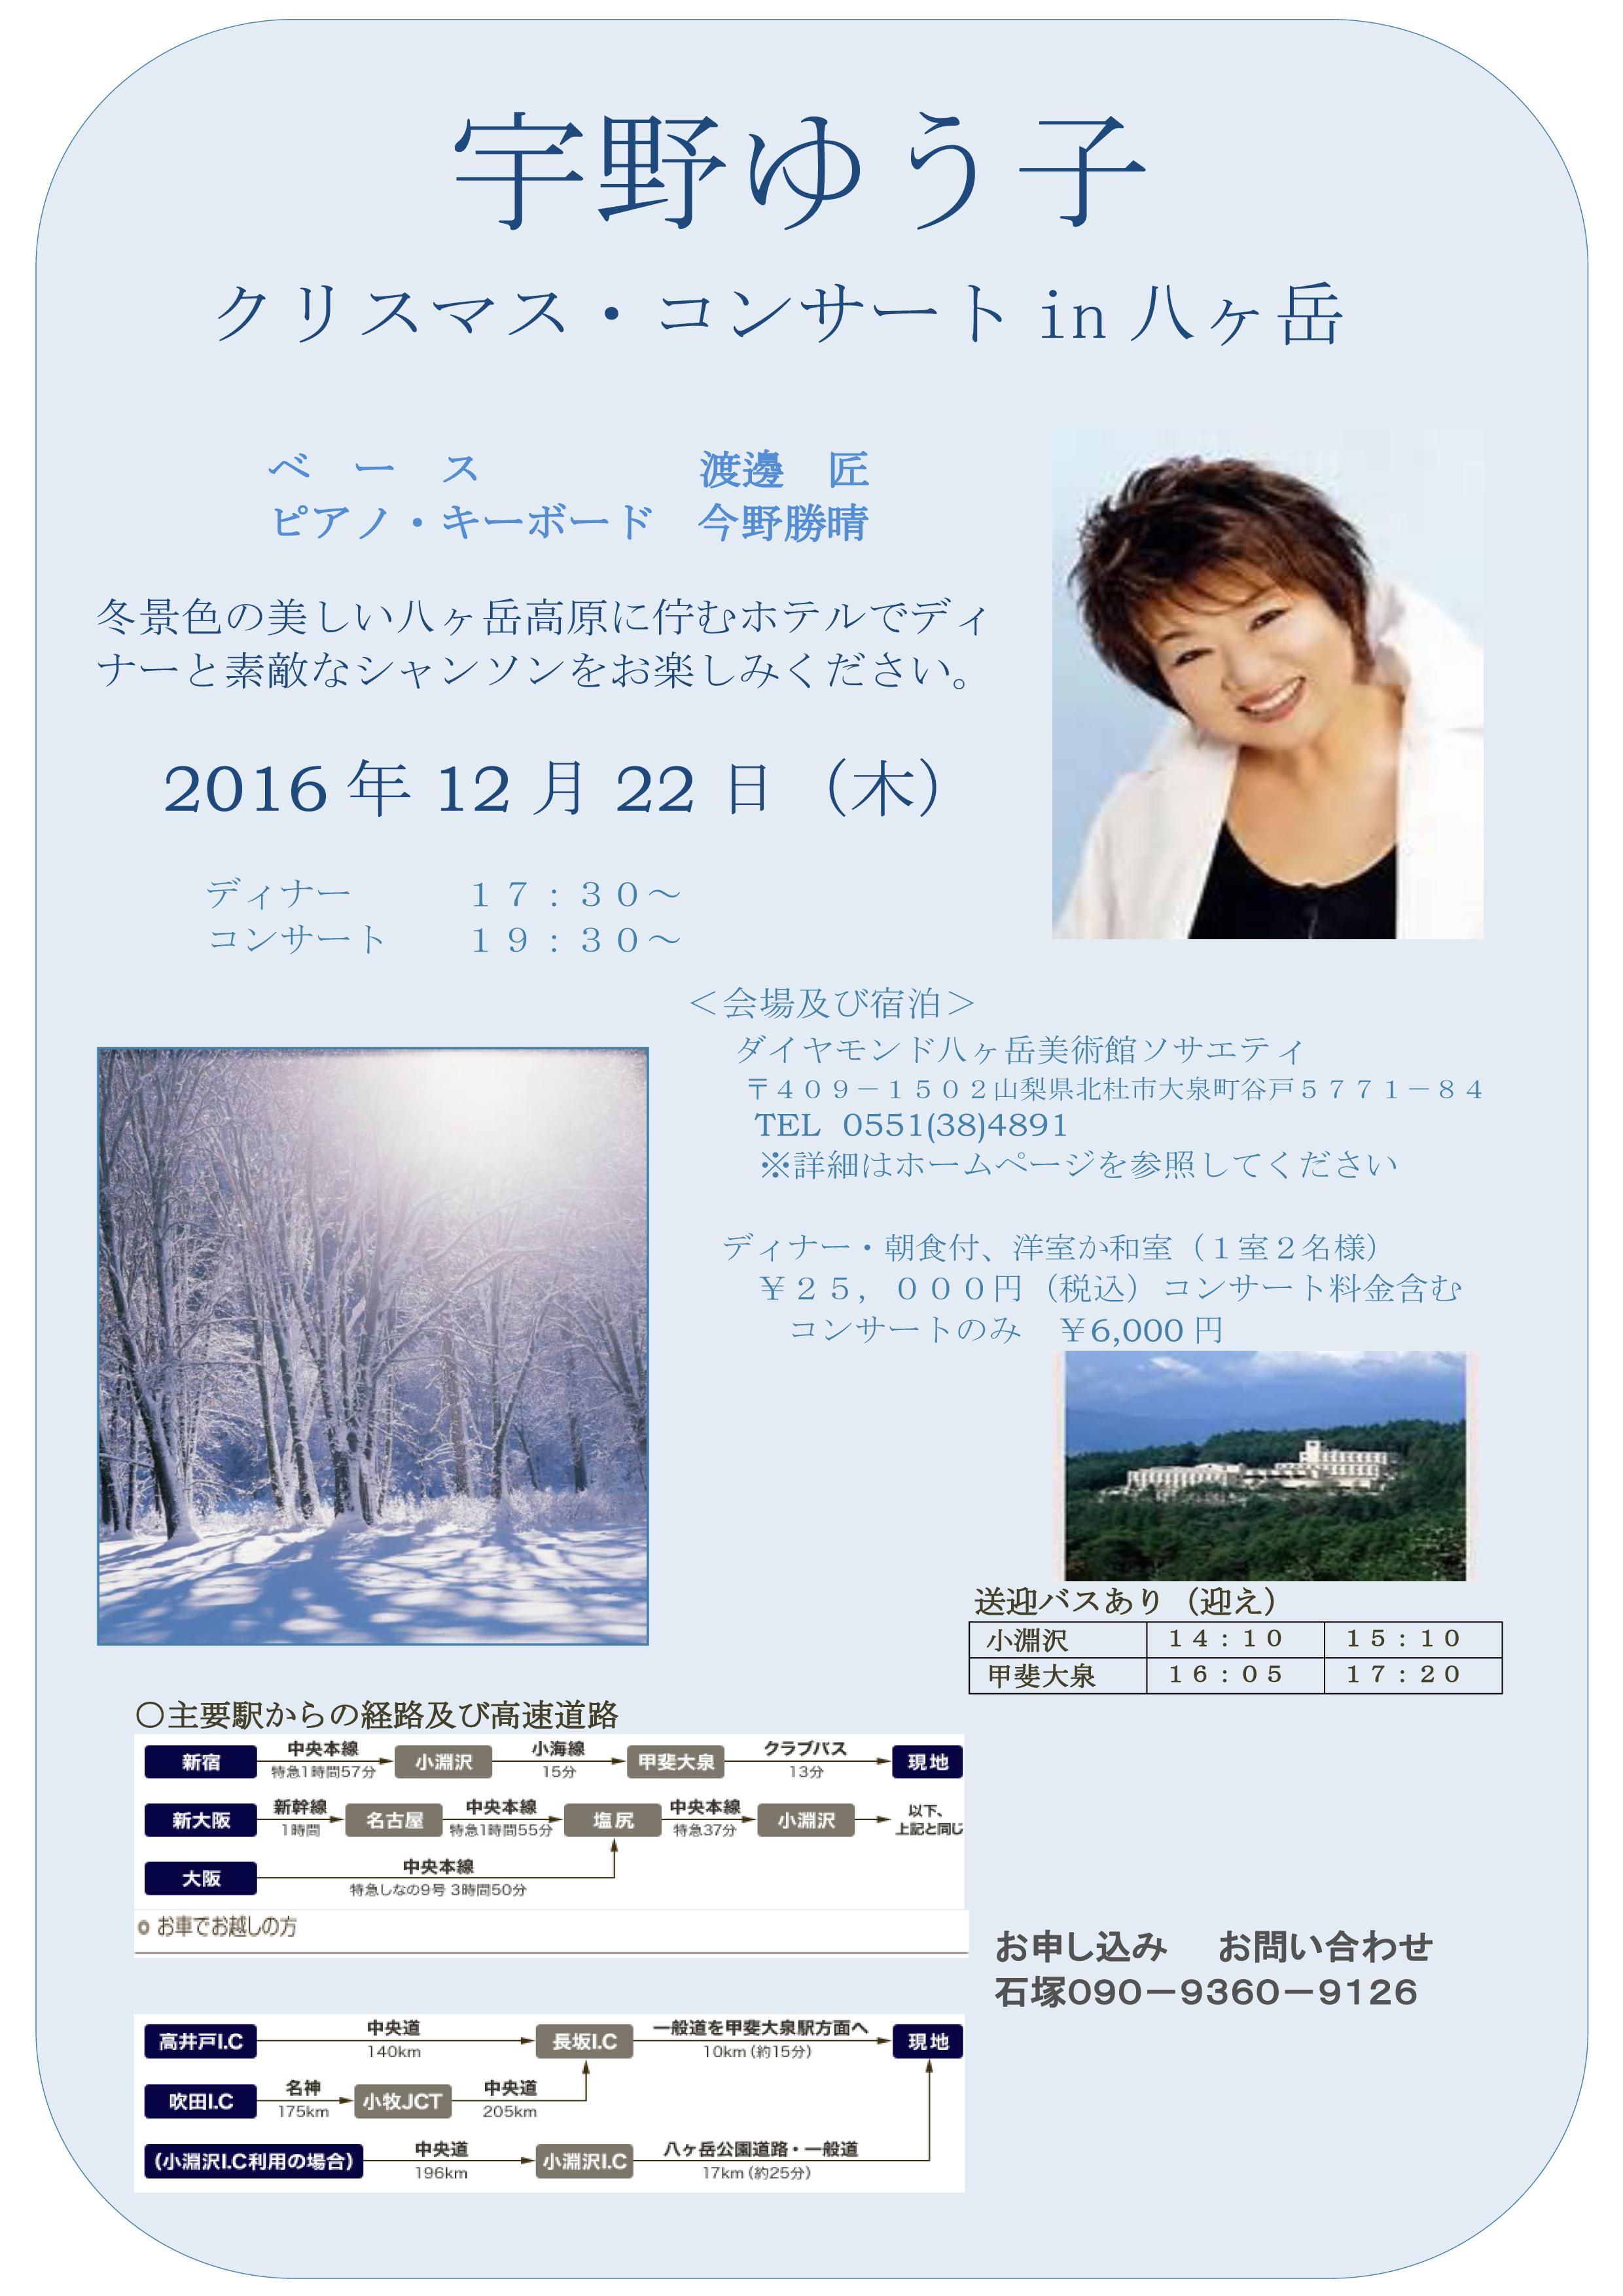 http://unoyuko.com/blog/chanson/yatsu02.jpg